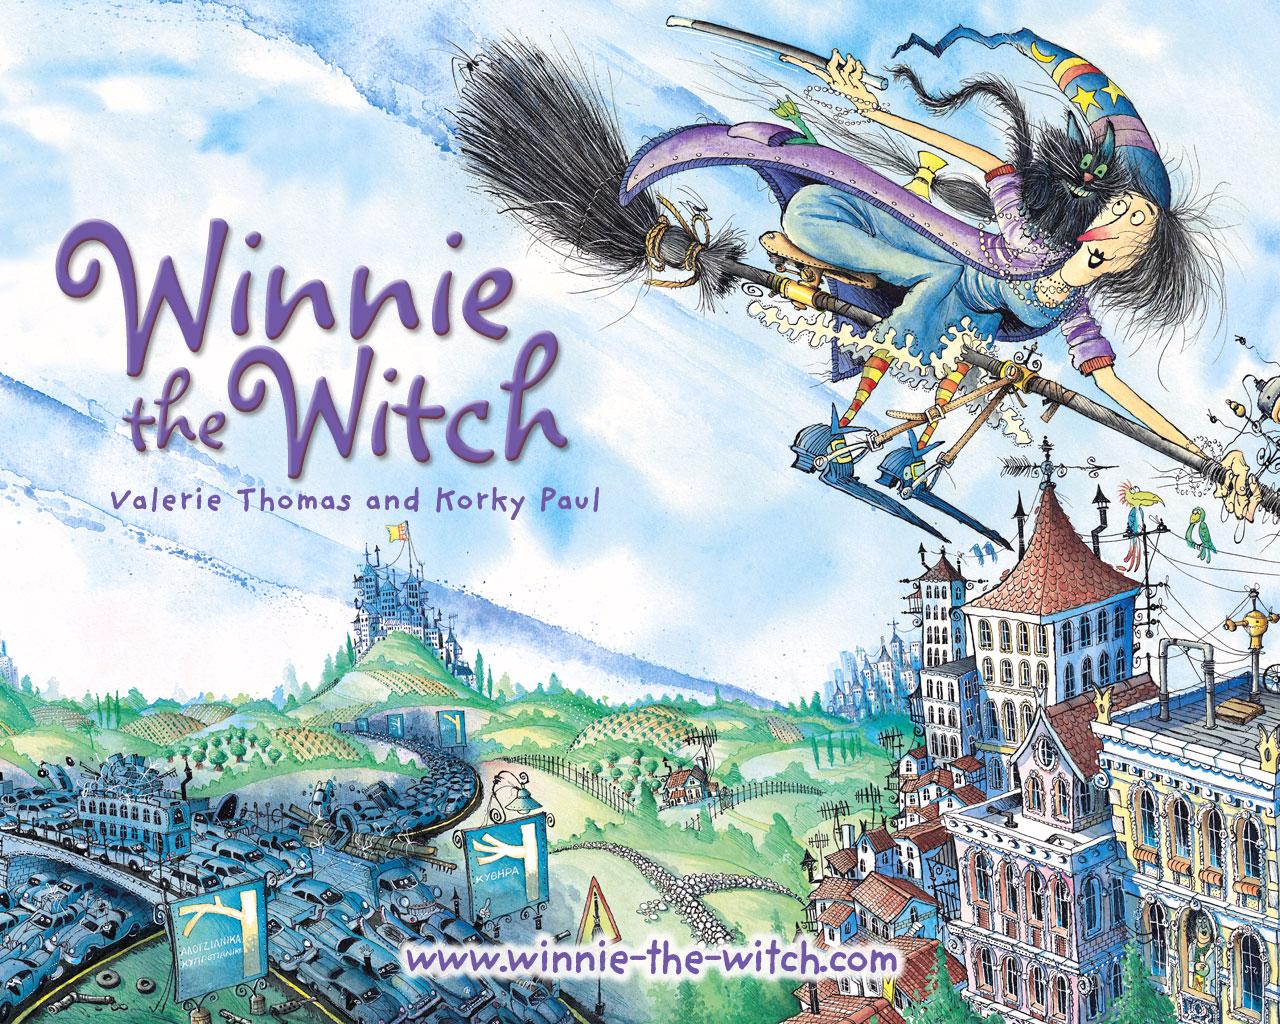 Winnie Wallpaper Scholastic Kids Club